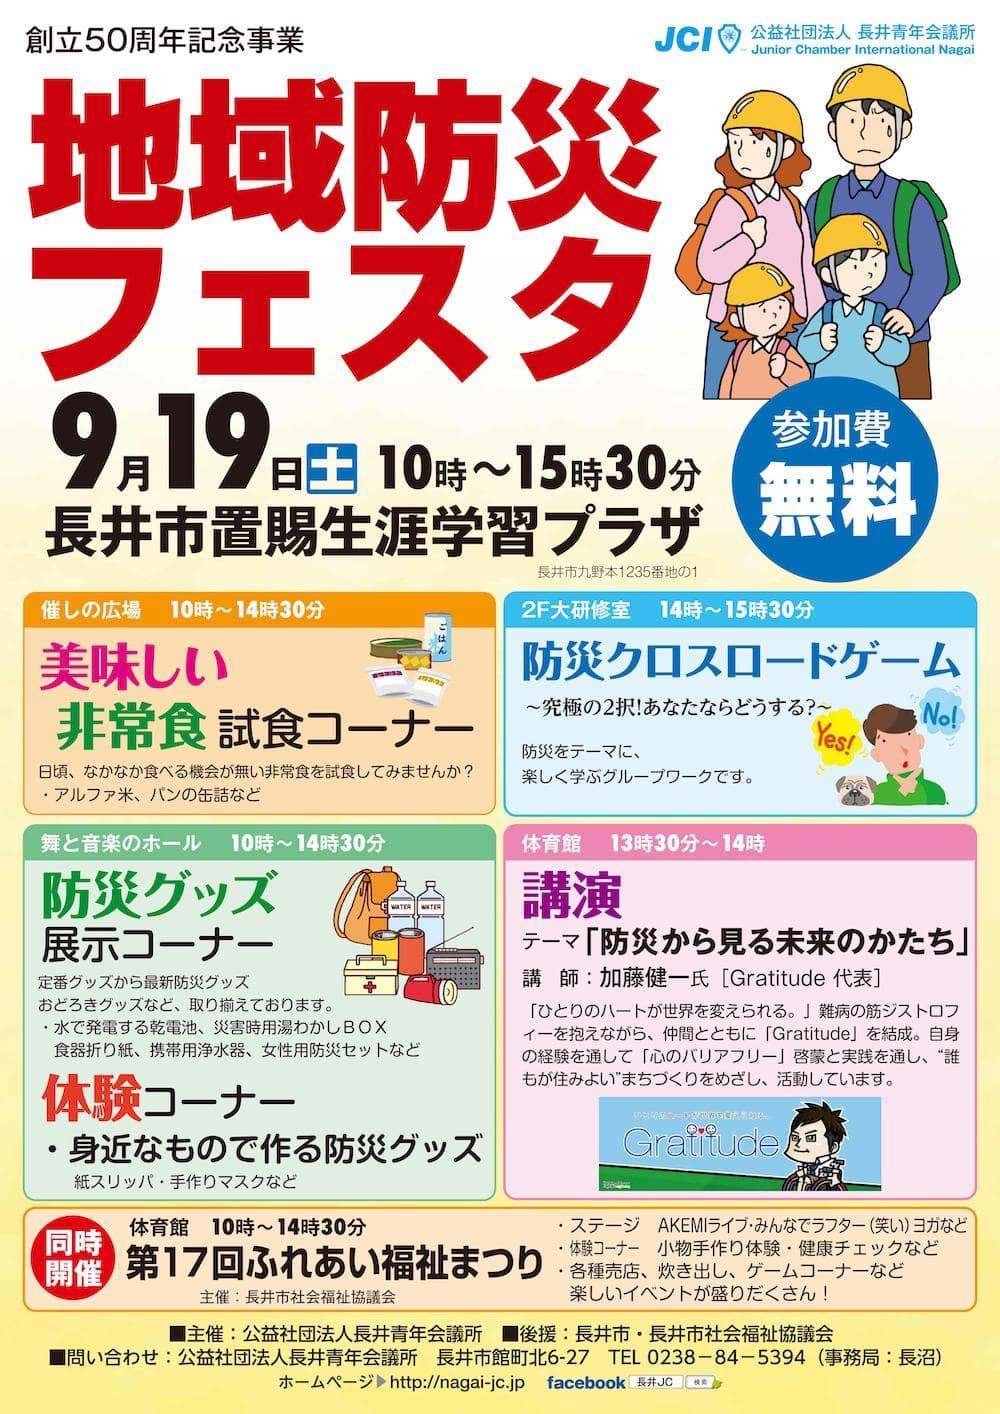 9/19 創立50周年記念事業 地域防災フェスタ:画像